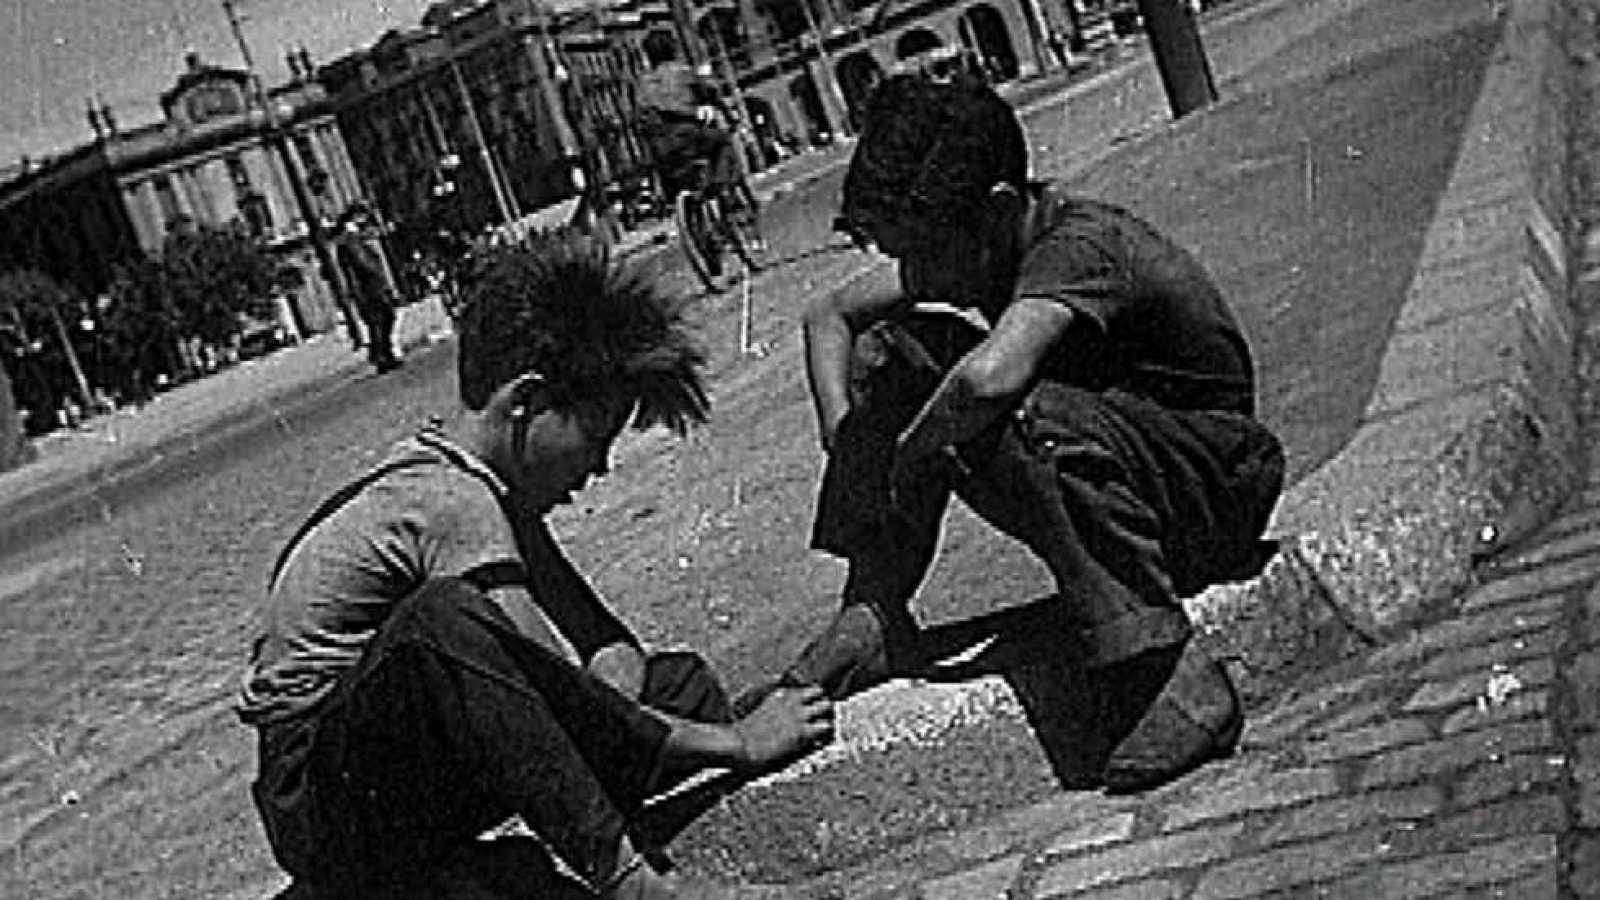 b5975f58c1 Para todos los públicos Los años del NO-DO - (1945) Tiempos de hambre - Ver  ahora reproducir video